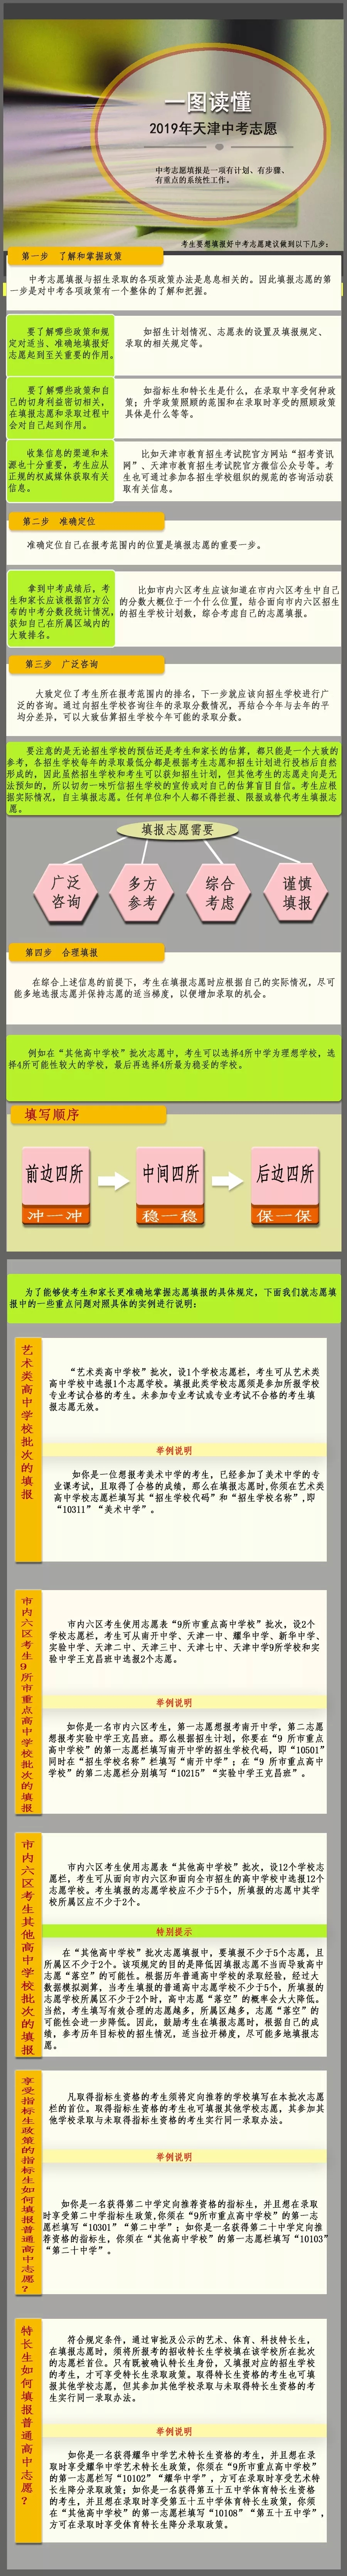 如何高效利用一分一档表?附:2019年天津中考填报志愿攻略